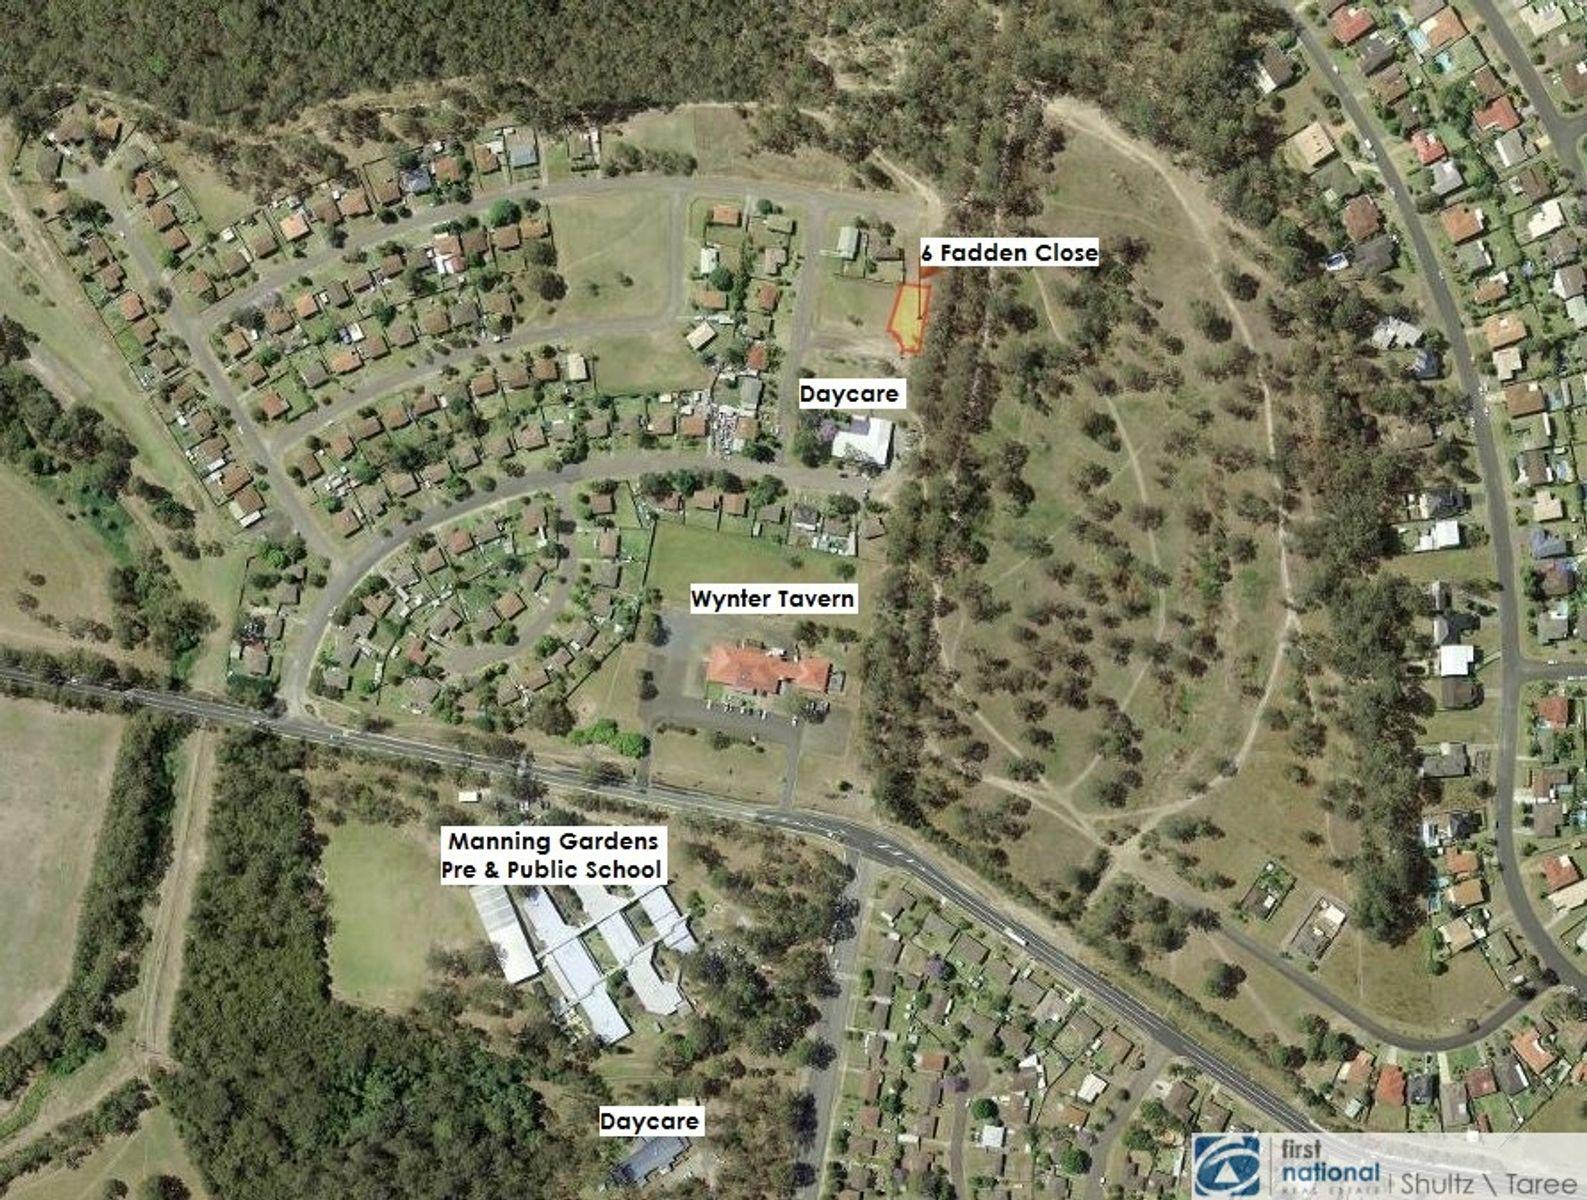 6 Fadden Close, Taree, NSW 2430